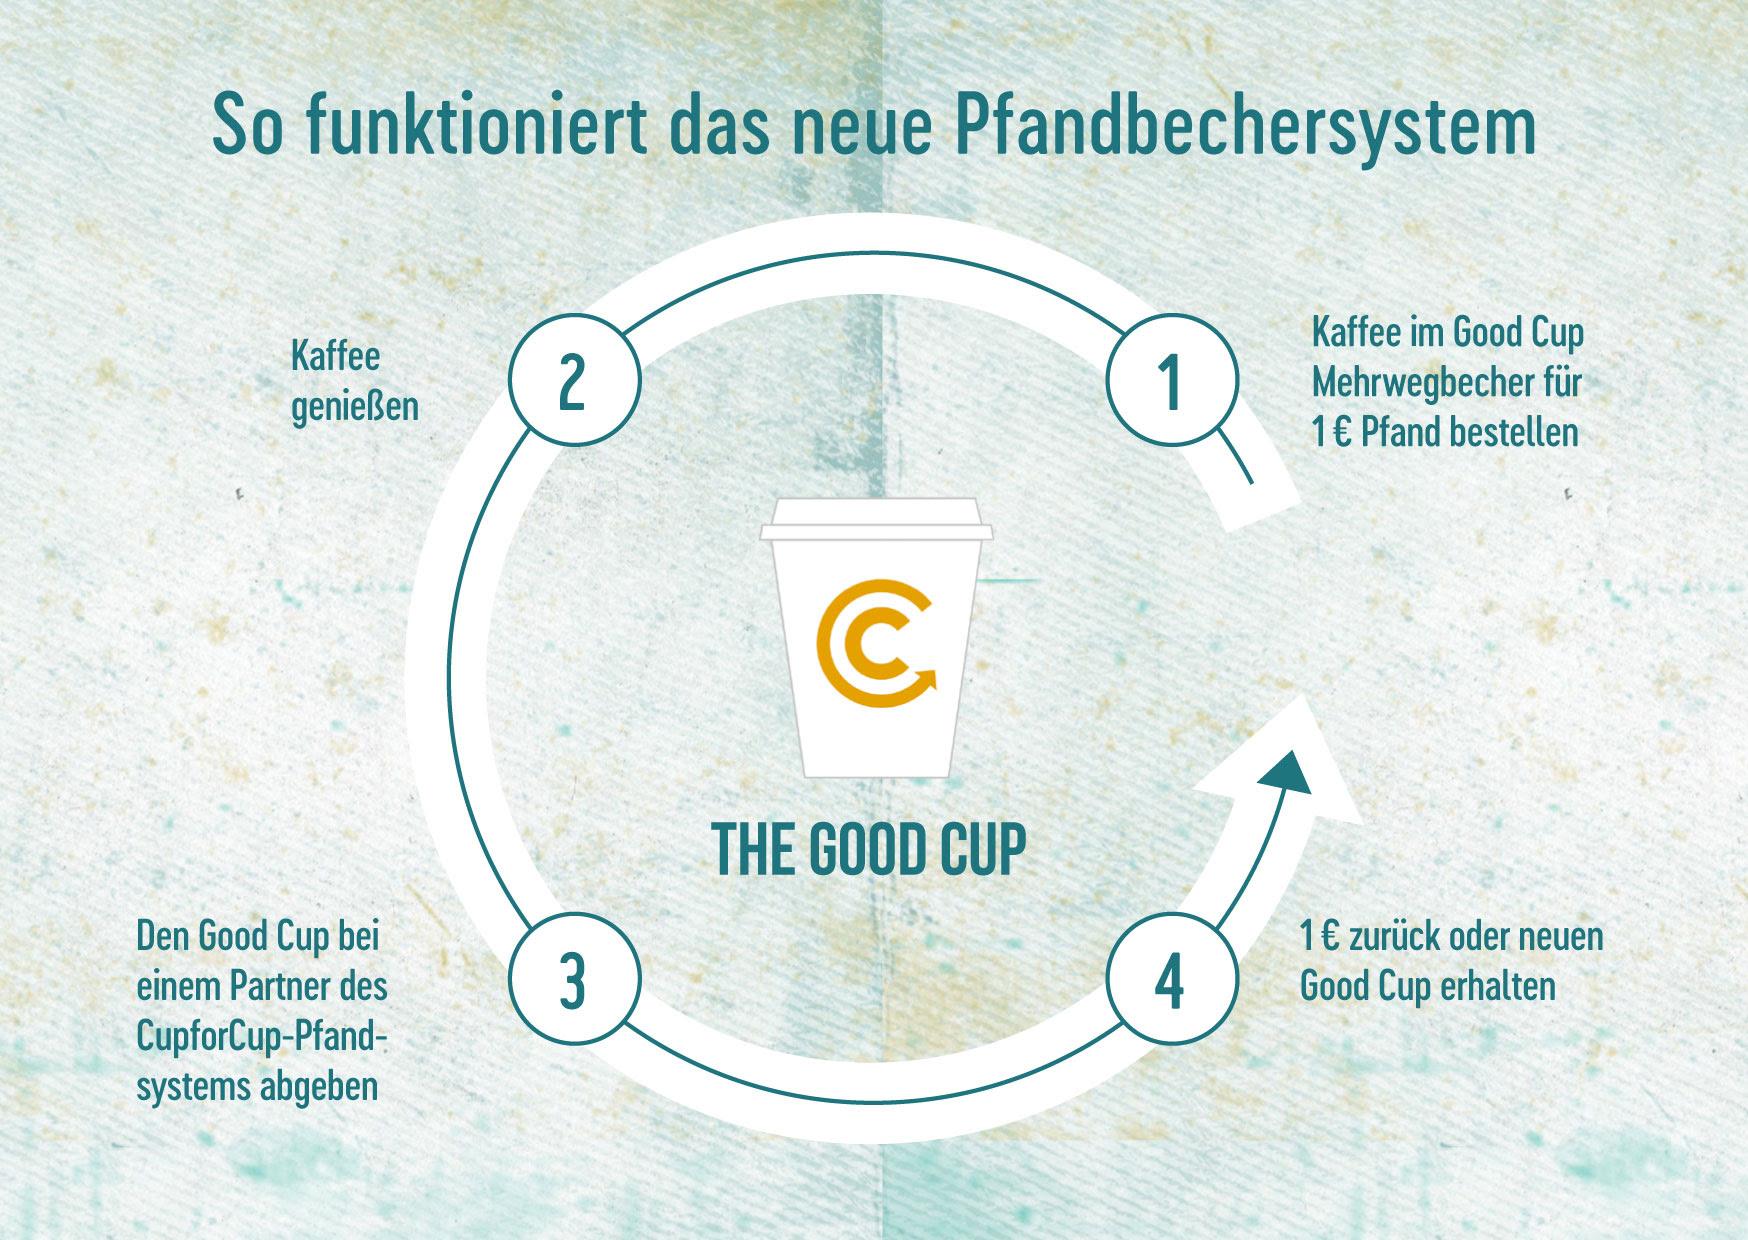 Jetzt neu bei uns - Pfandbecher to go! - Café Röhren Paderborn